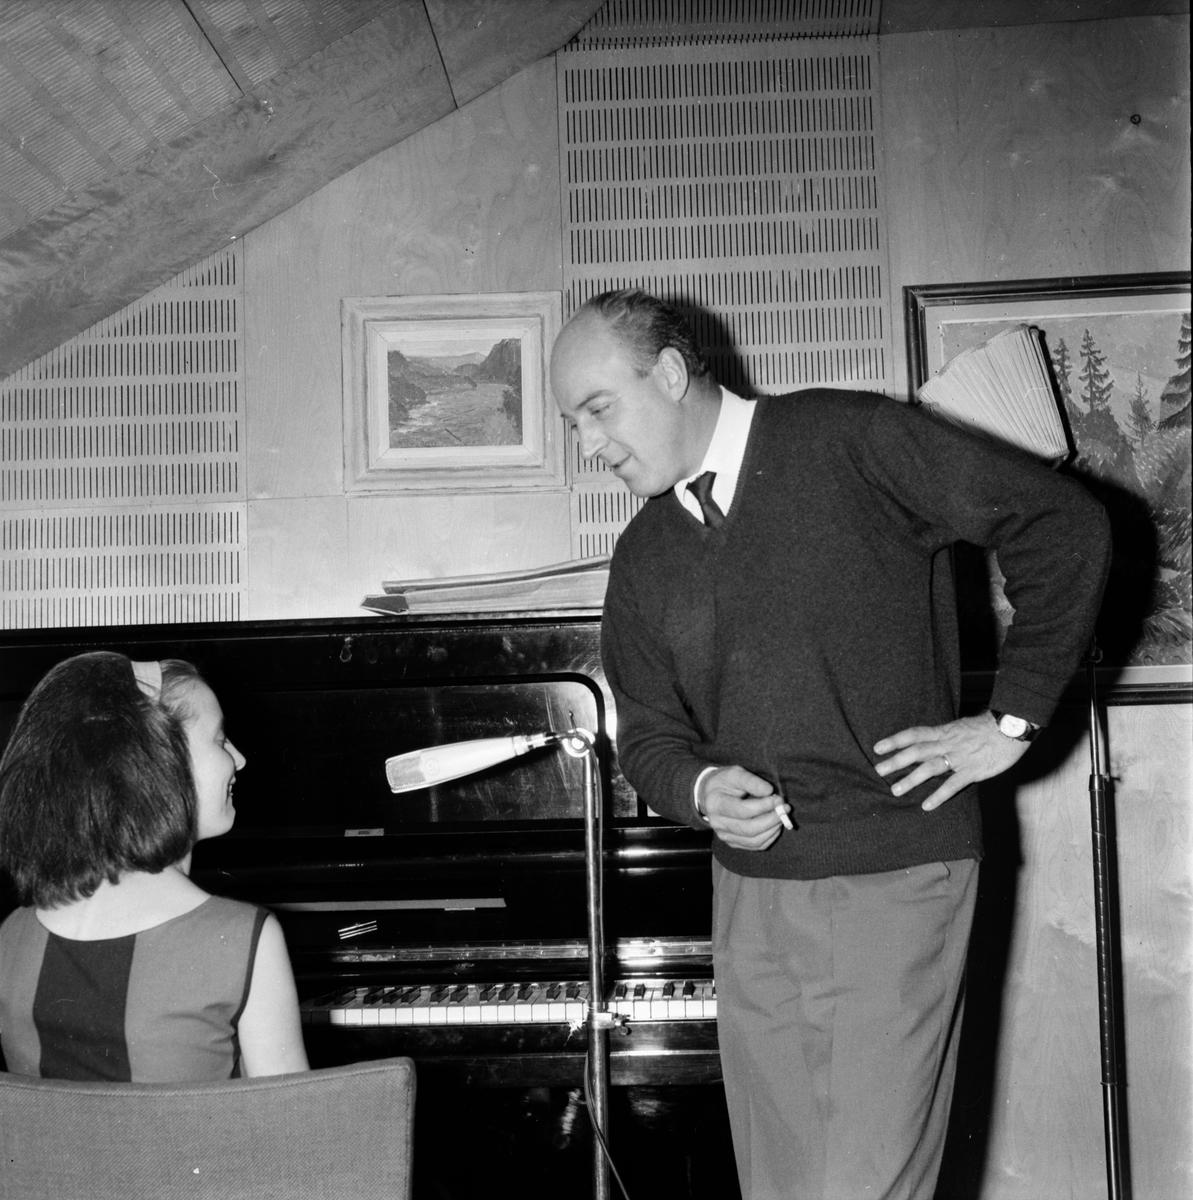 På styva linan pianoprov i Bollnäs. 11/4-1965